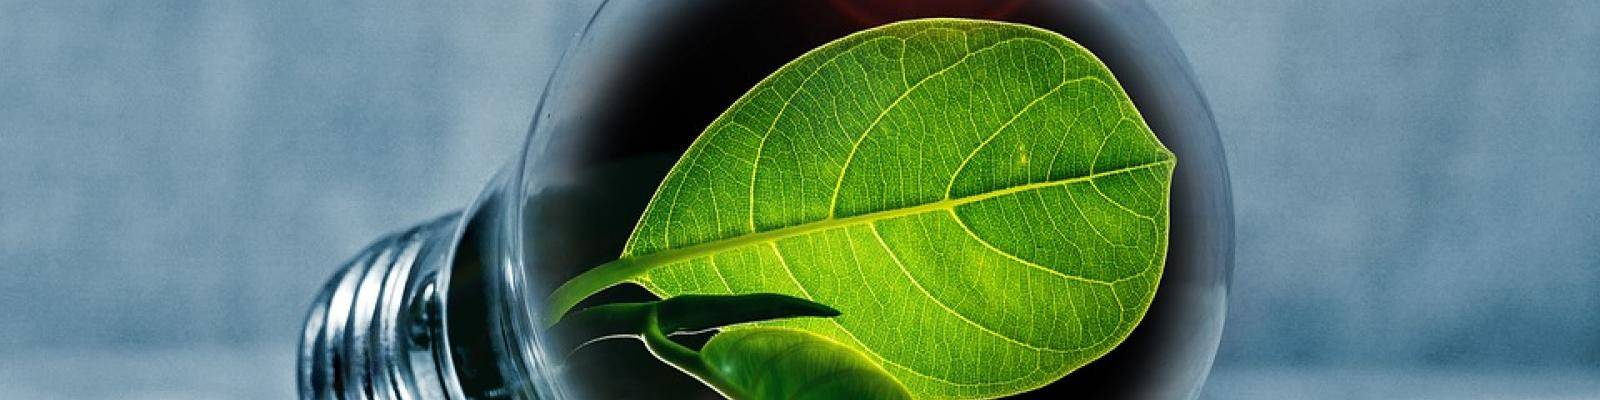 Ledlampen groene energie